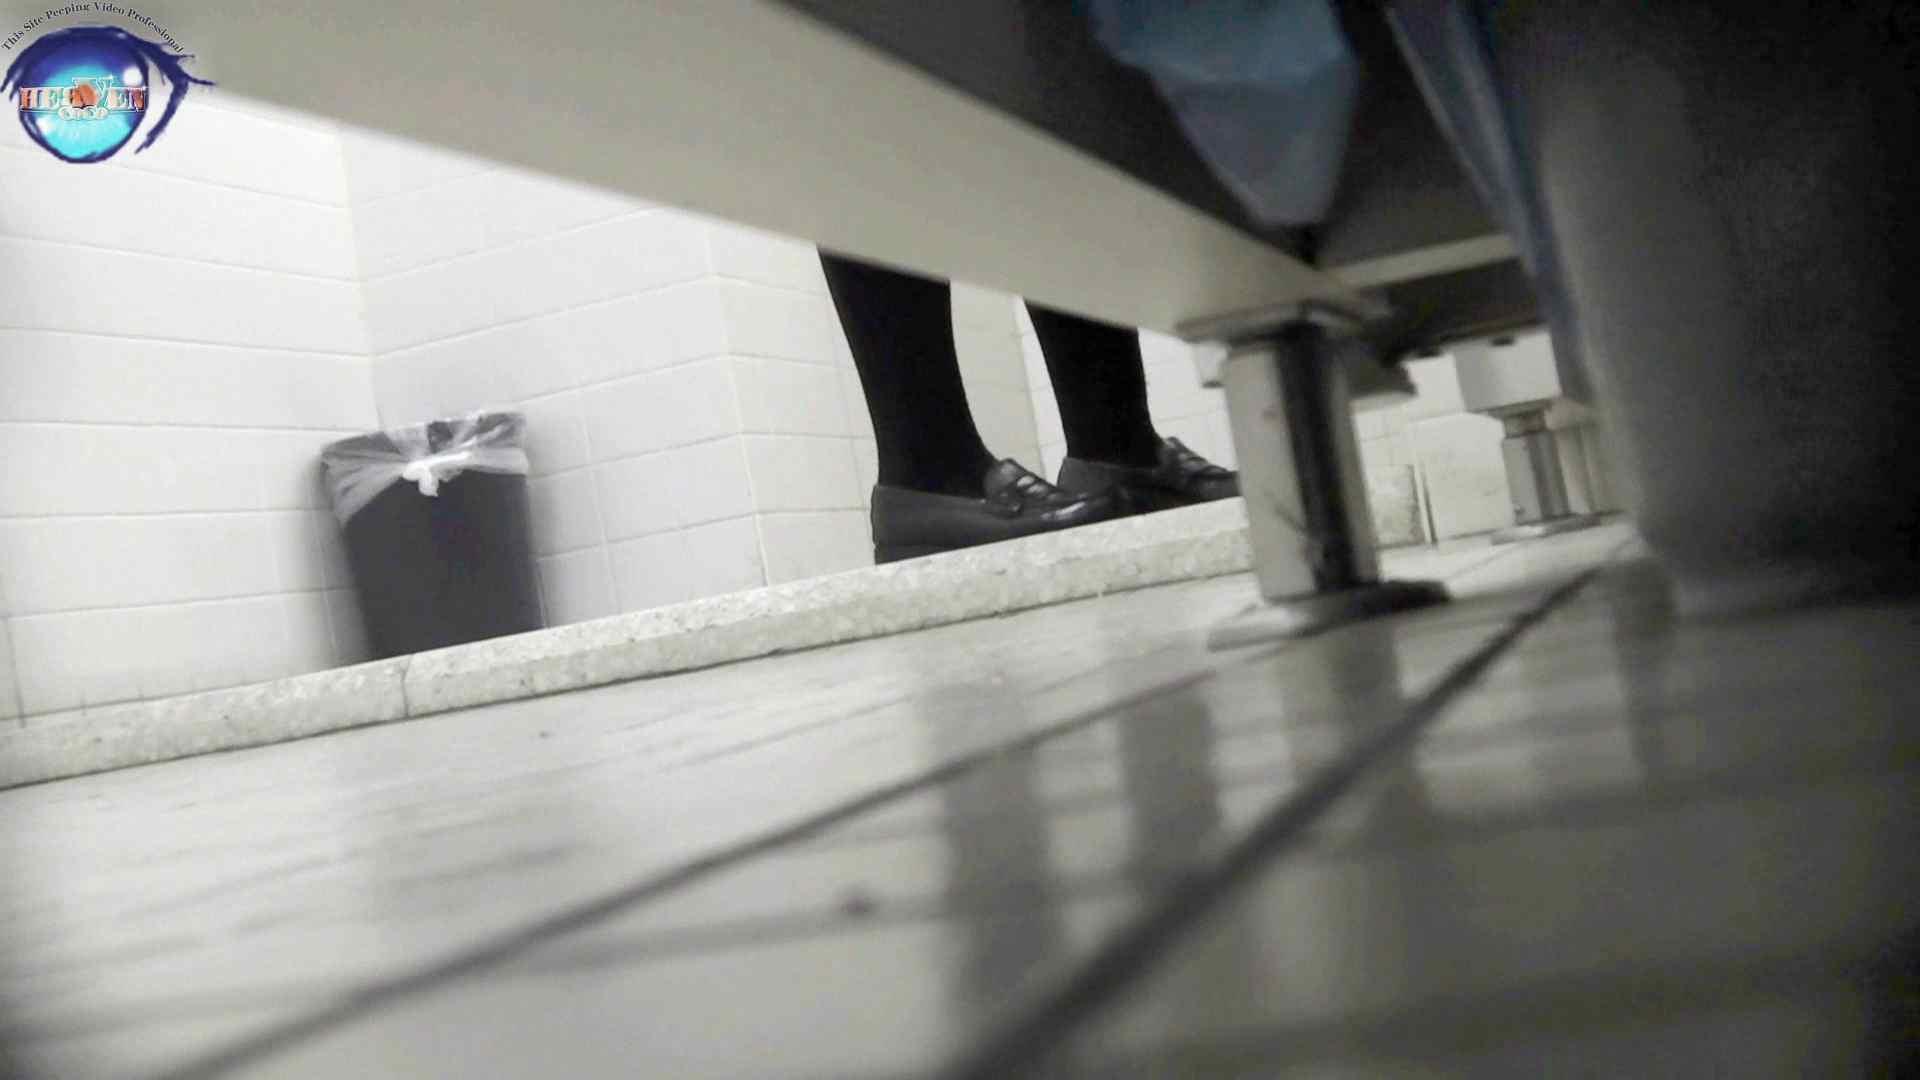 洗面所突入レポート!!お銀 vol.67 新たな場所への挑戦が始まる!!前編 洗面所 | OLセックス  82画像 40